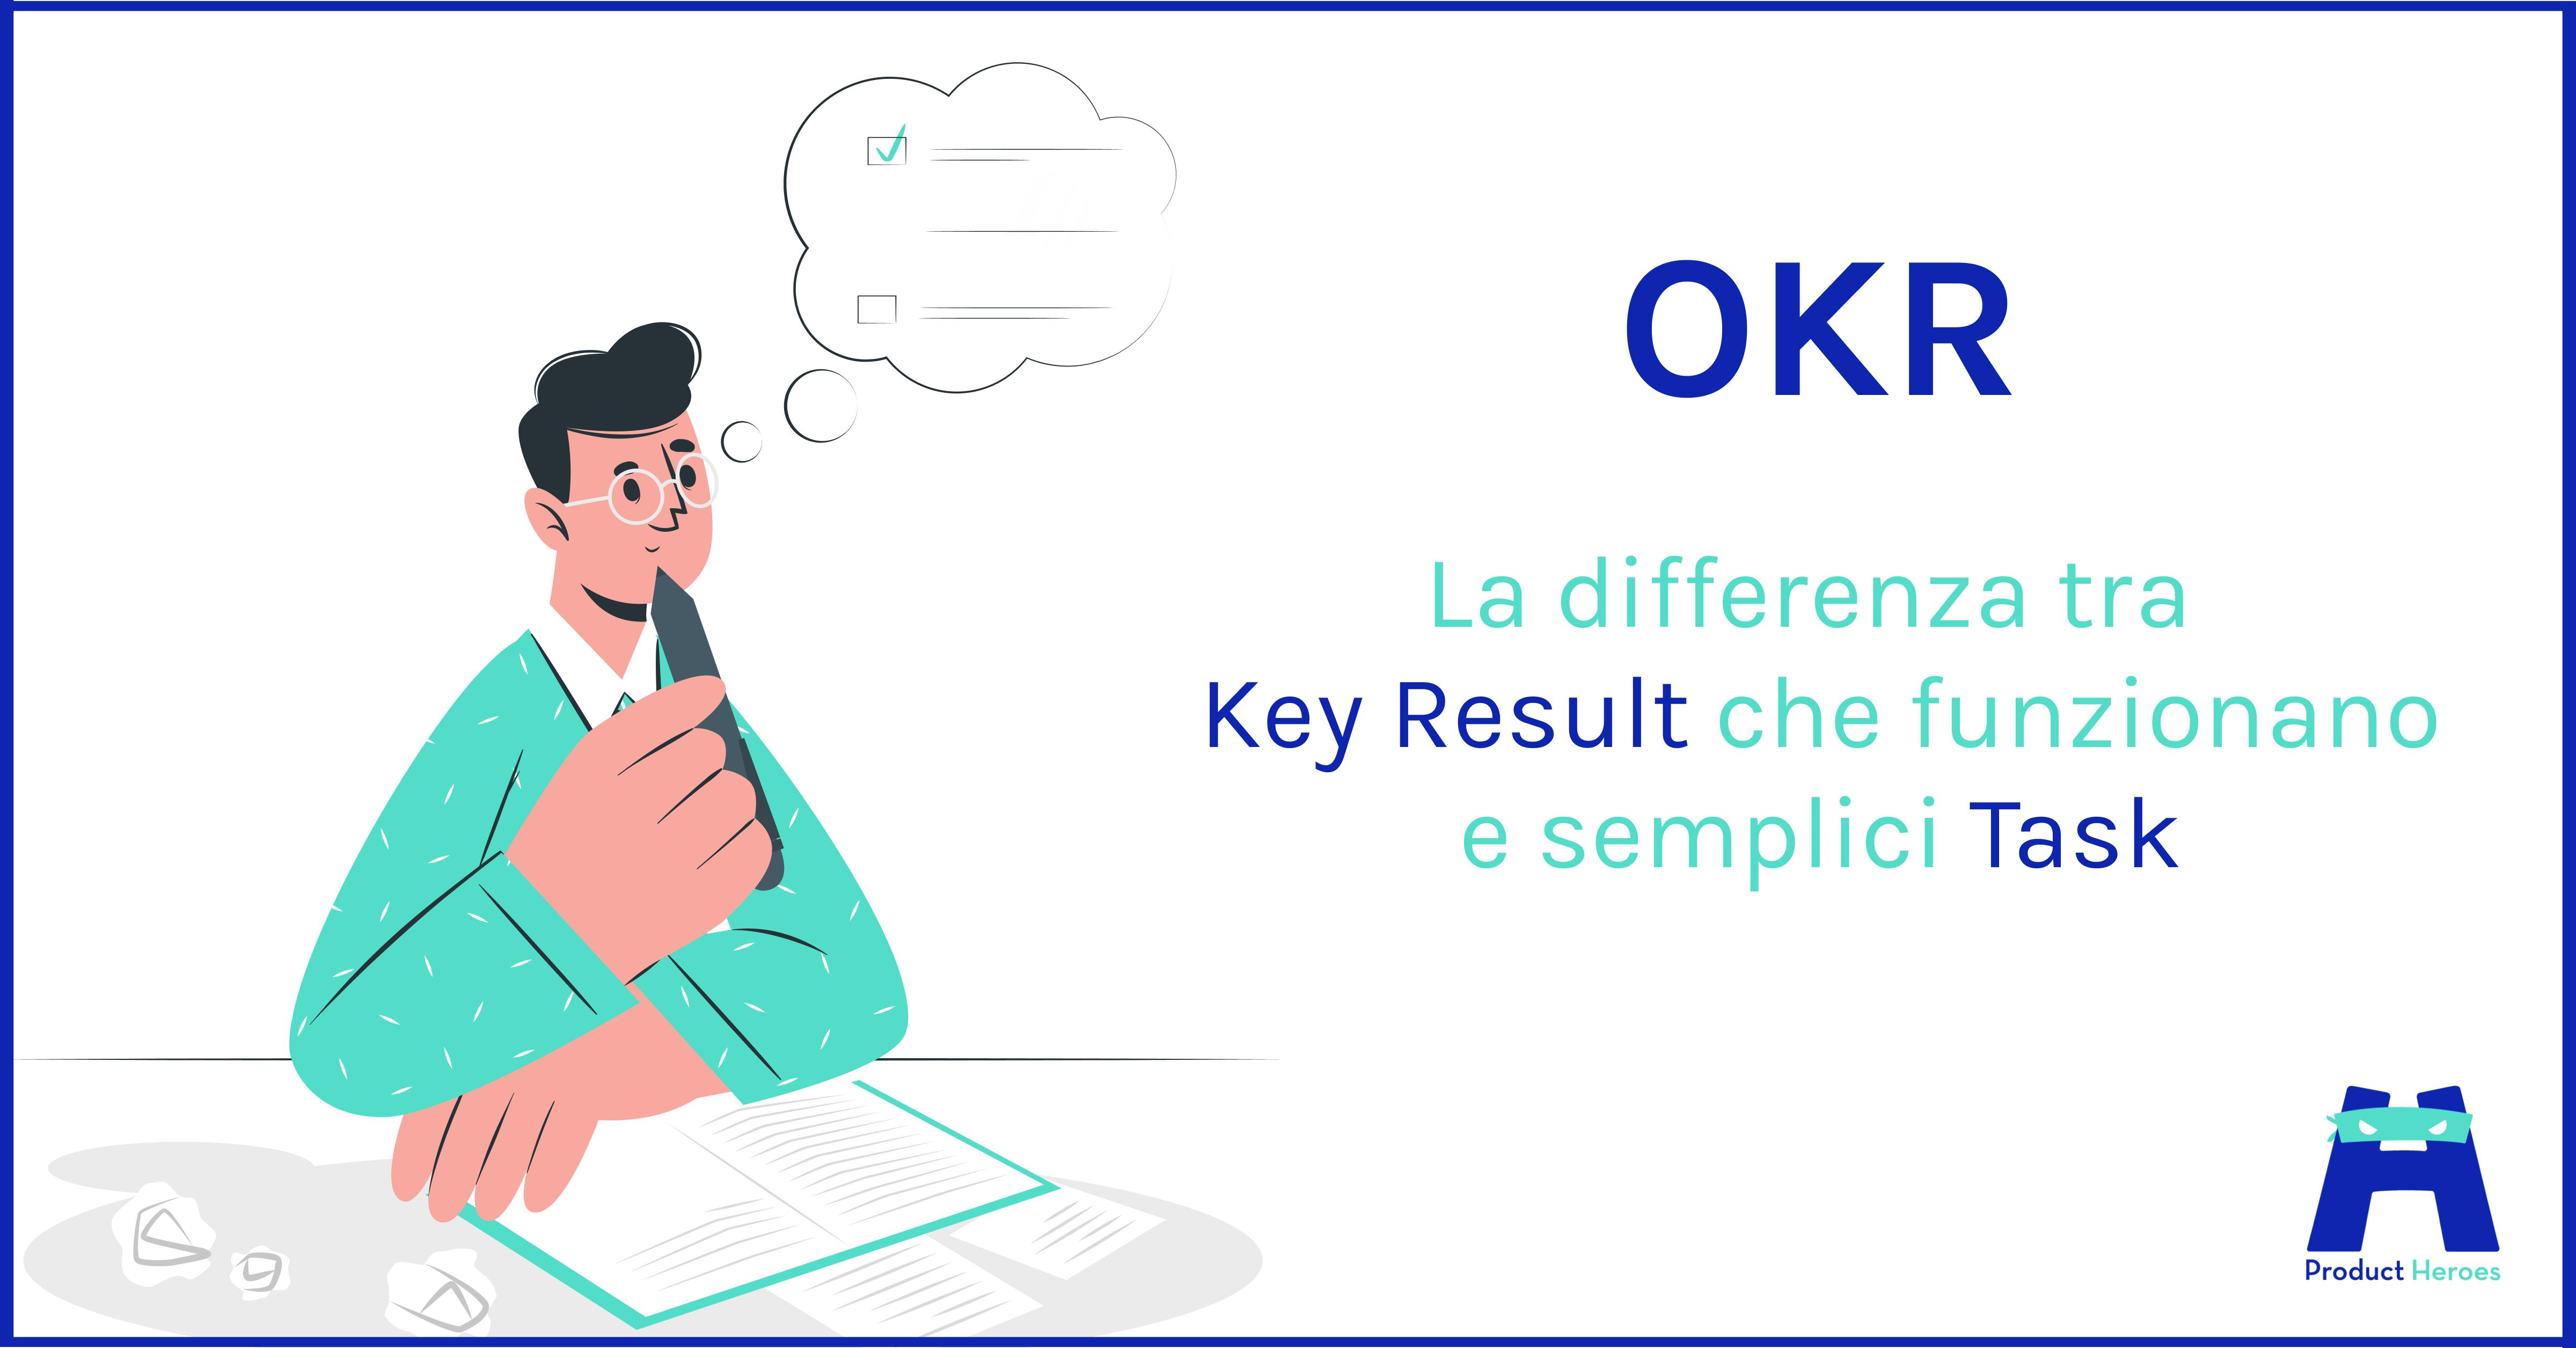 OKR : La differenza tra Key Result che funzionano e semplici Task